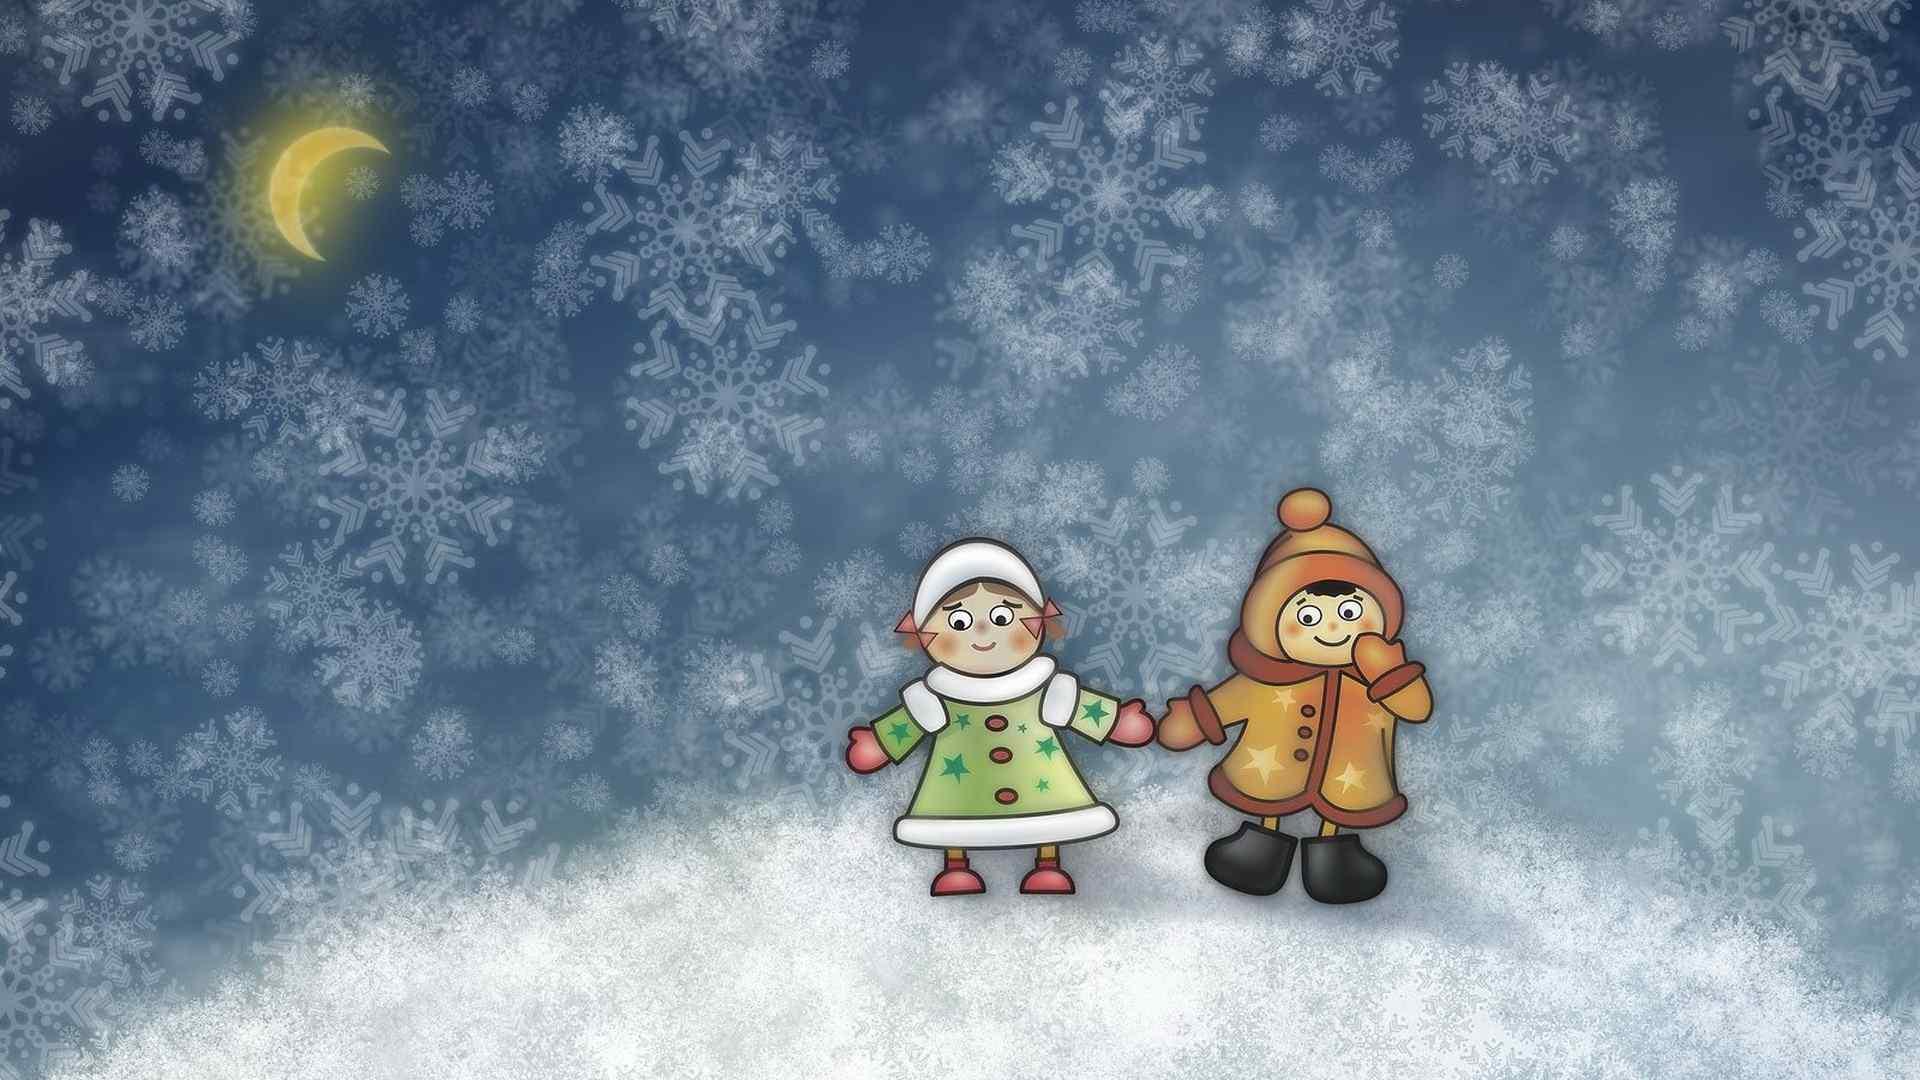 冬日温暖卡通情侣小人儿桌面壁纸